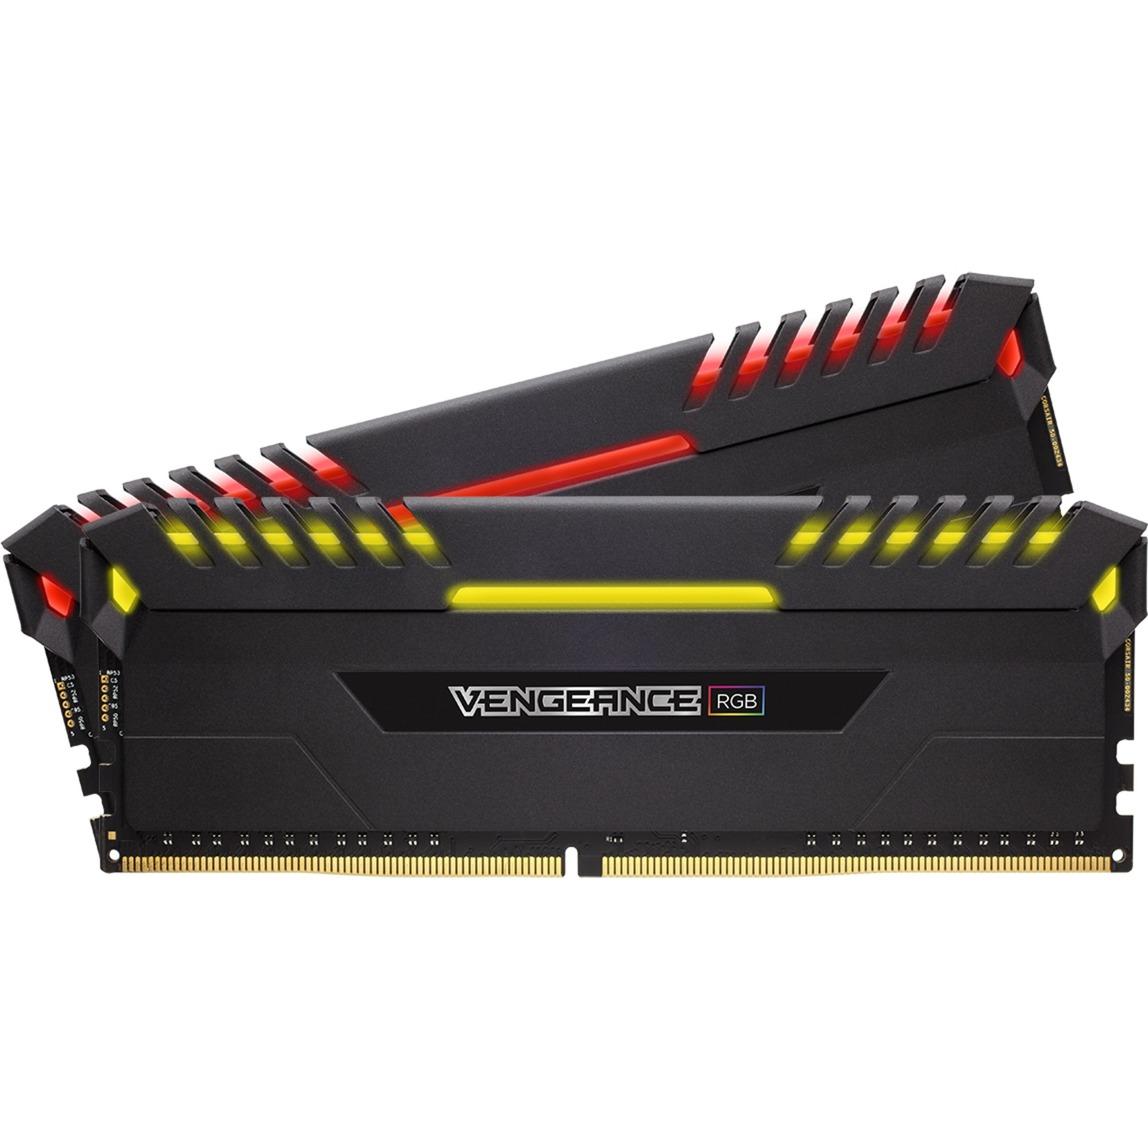 Vengeance 32 GB, DDR4, 3600 MHz 32Go DDR4 3600MHz module de mémoire